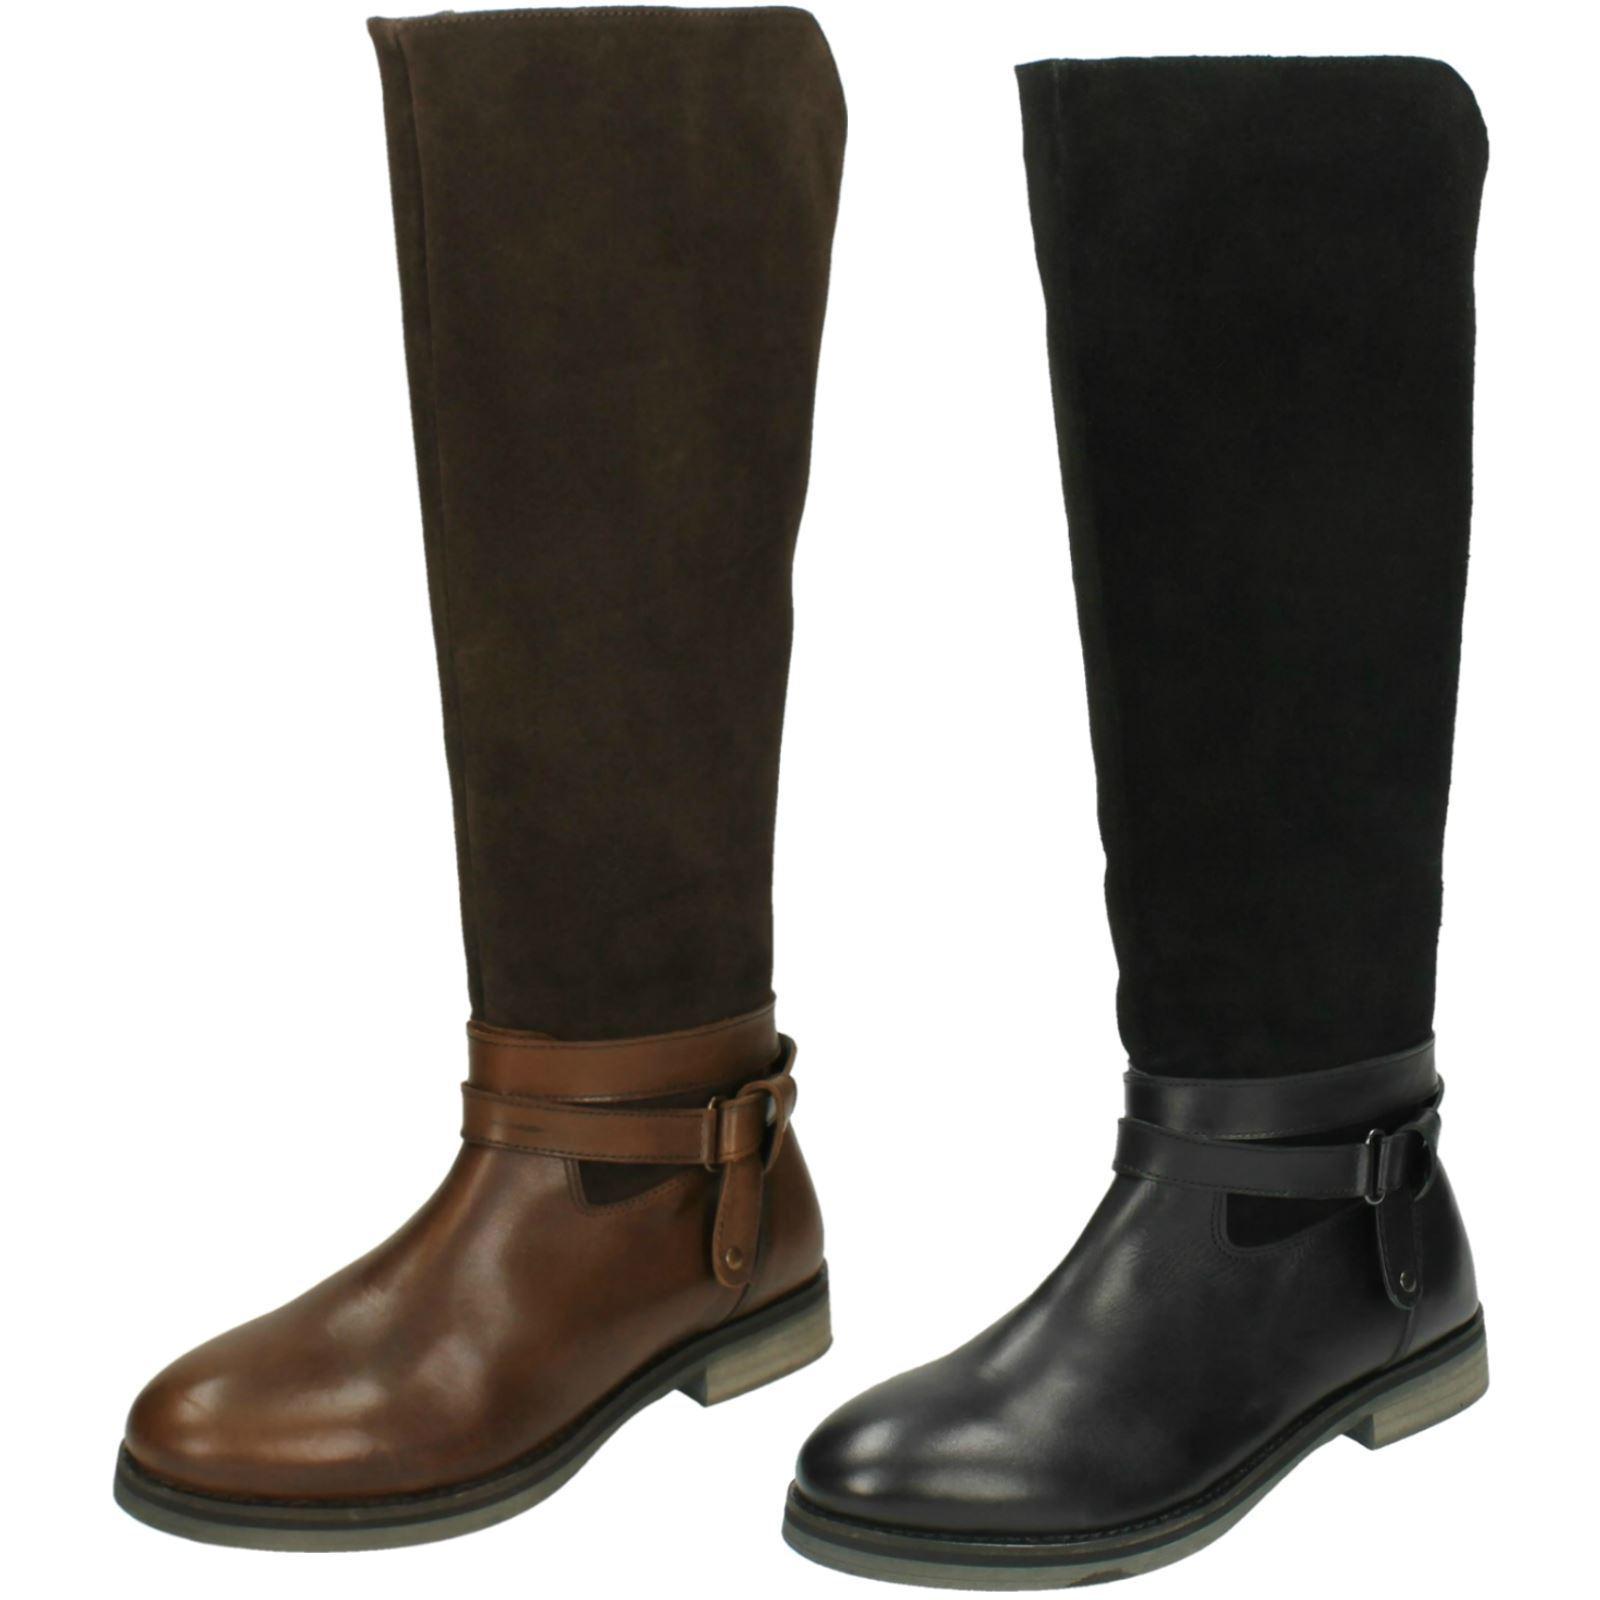 b5c9977def2 Colección de cuero señoras de la rodilla Botas altas 589880 ...